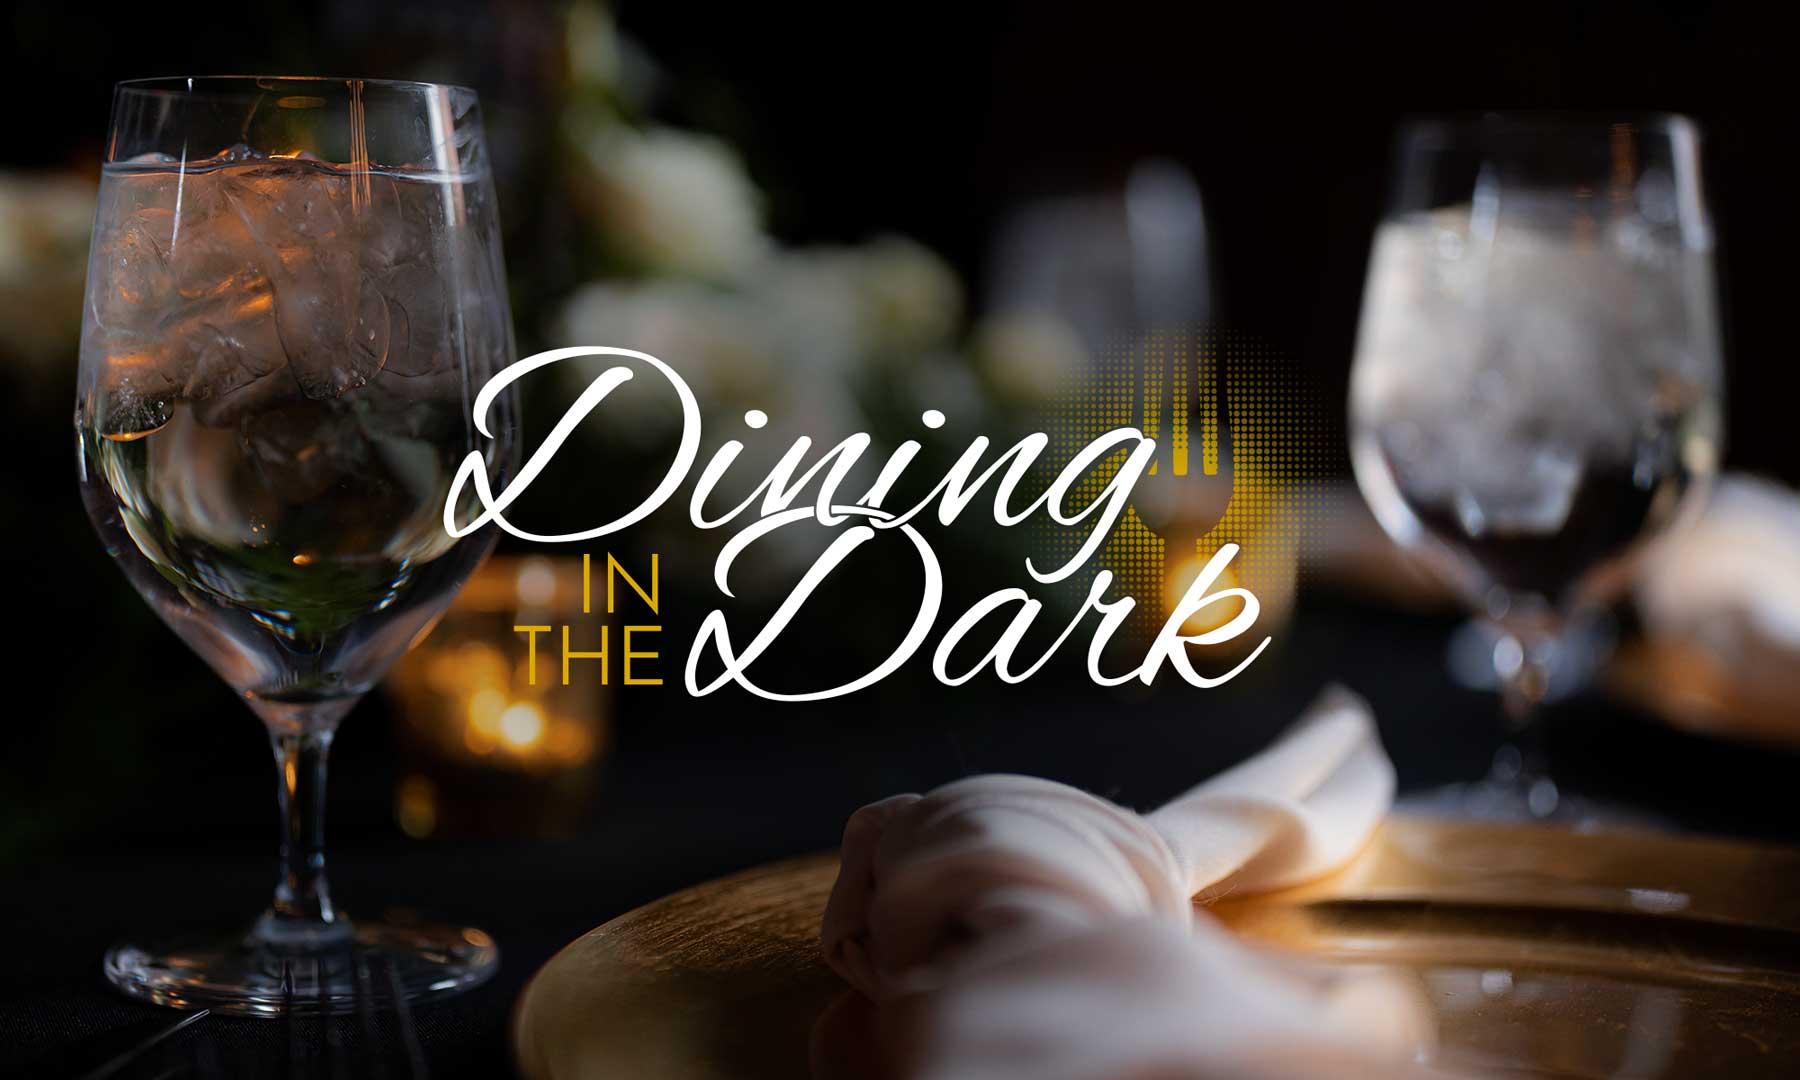 Dining in The Dark 2022